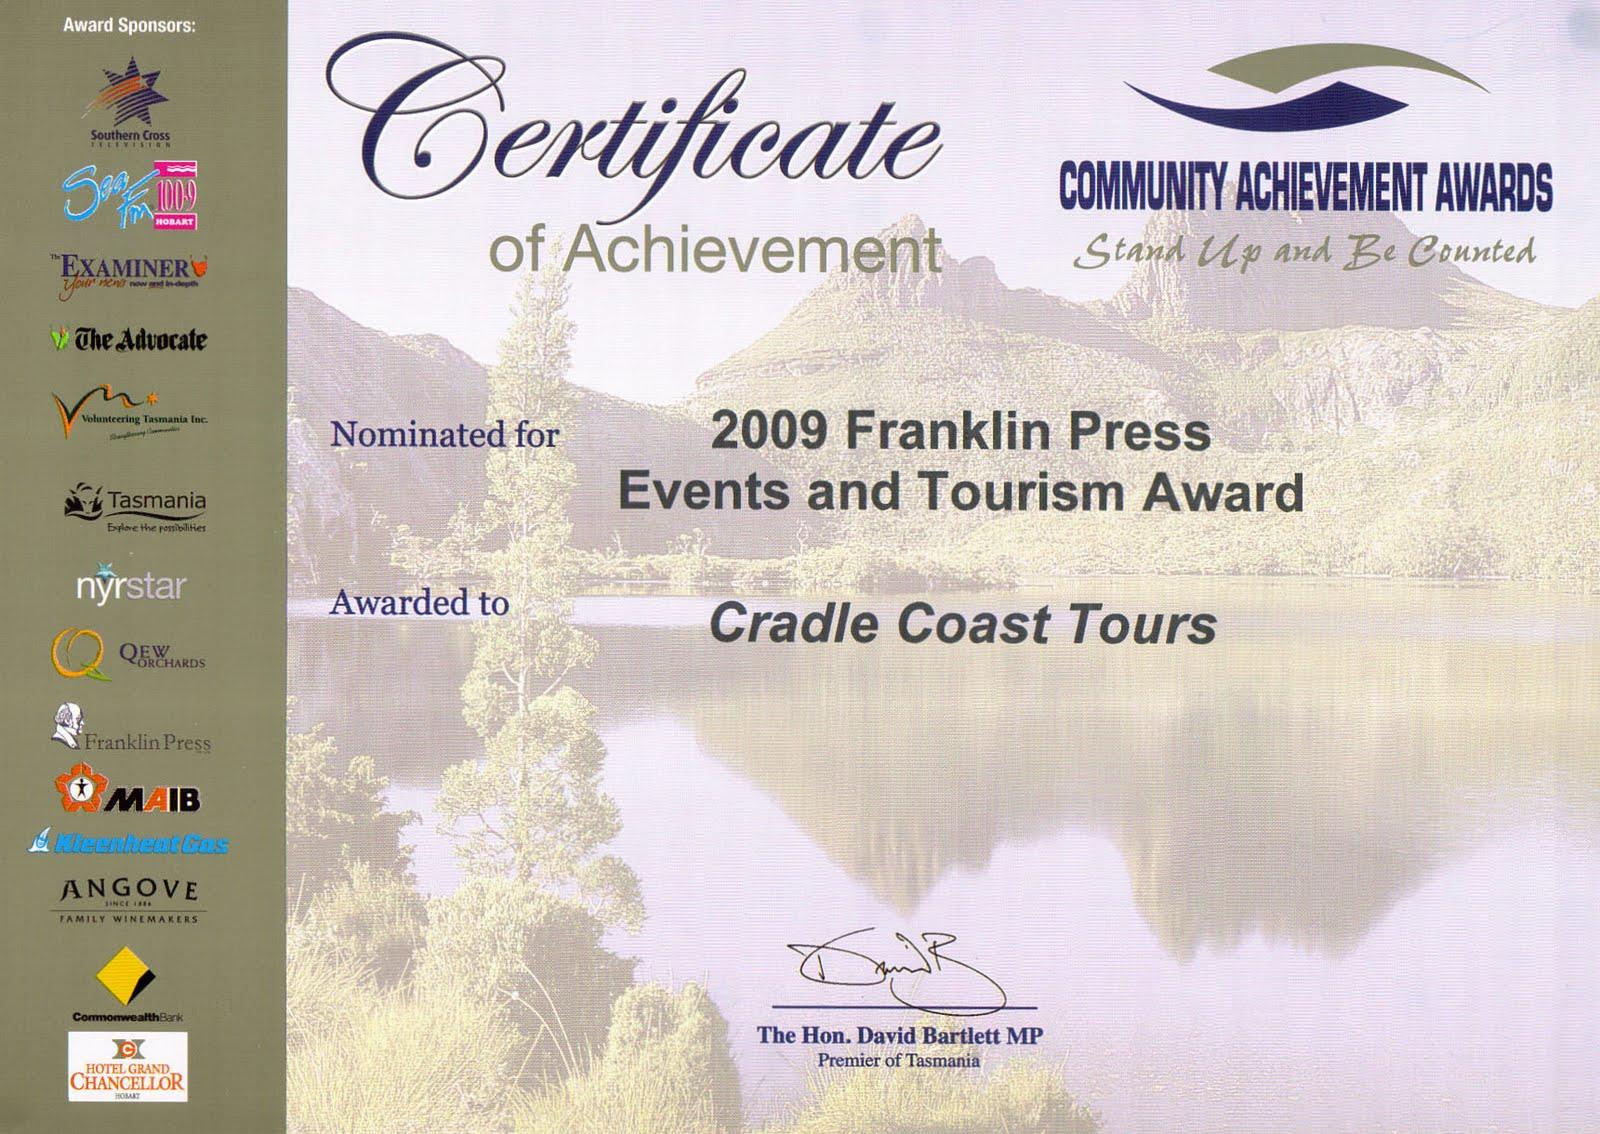 2009 Tourism Award